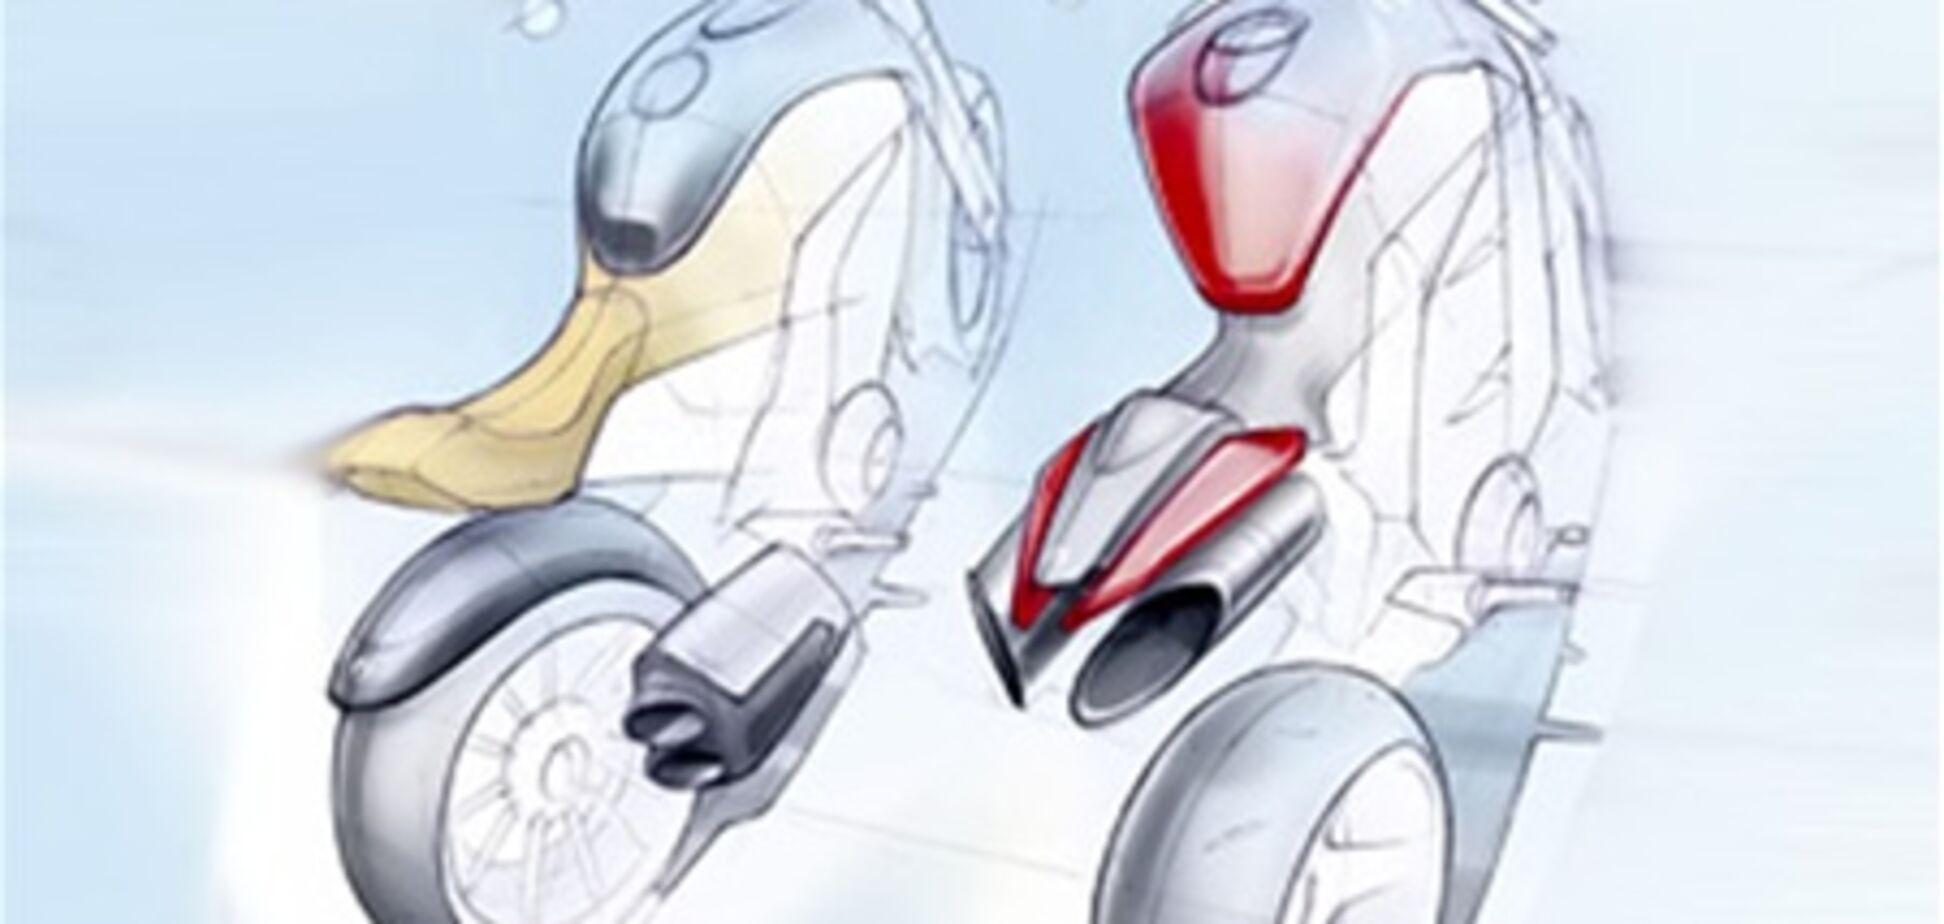 Ariel со следующего года планирует заняться производством мотоциклов